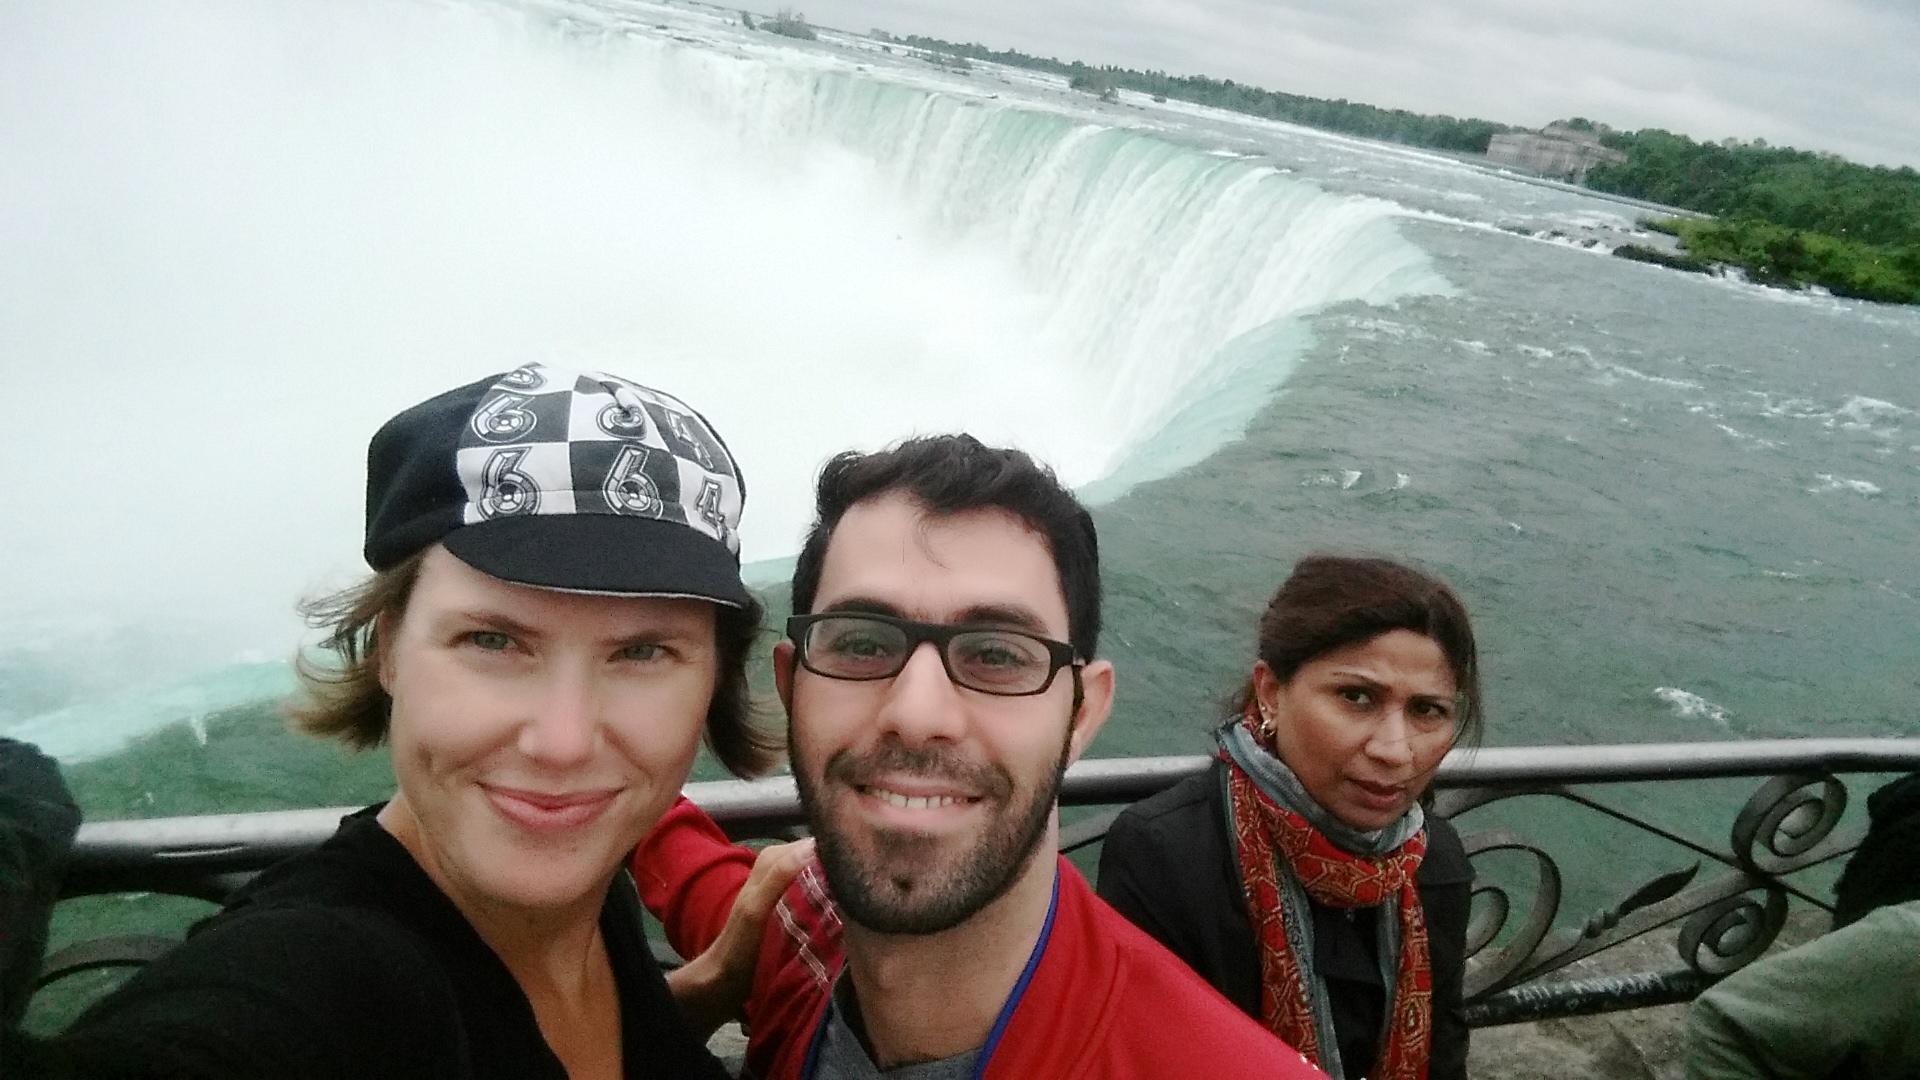 My Persian host and me at Niagara Falls!